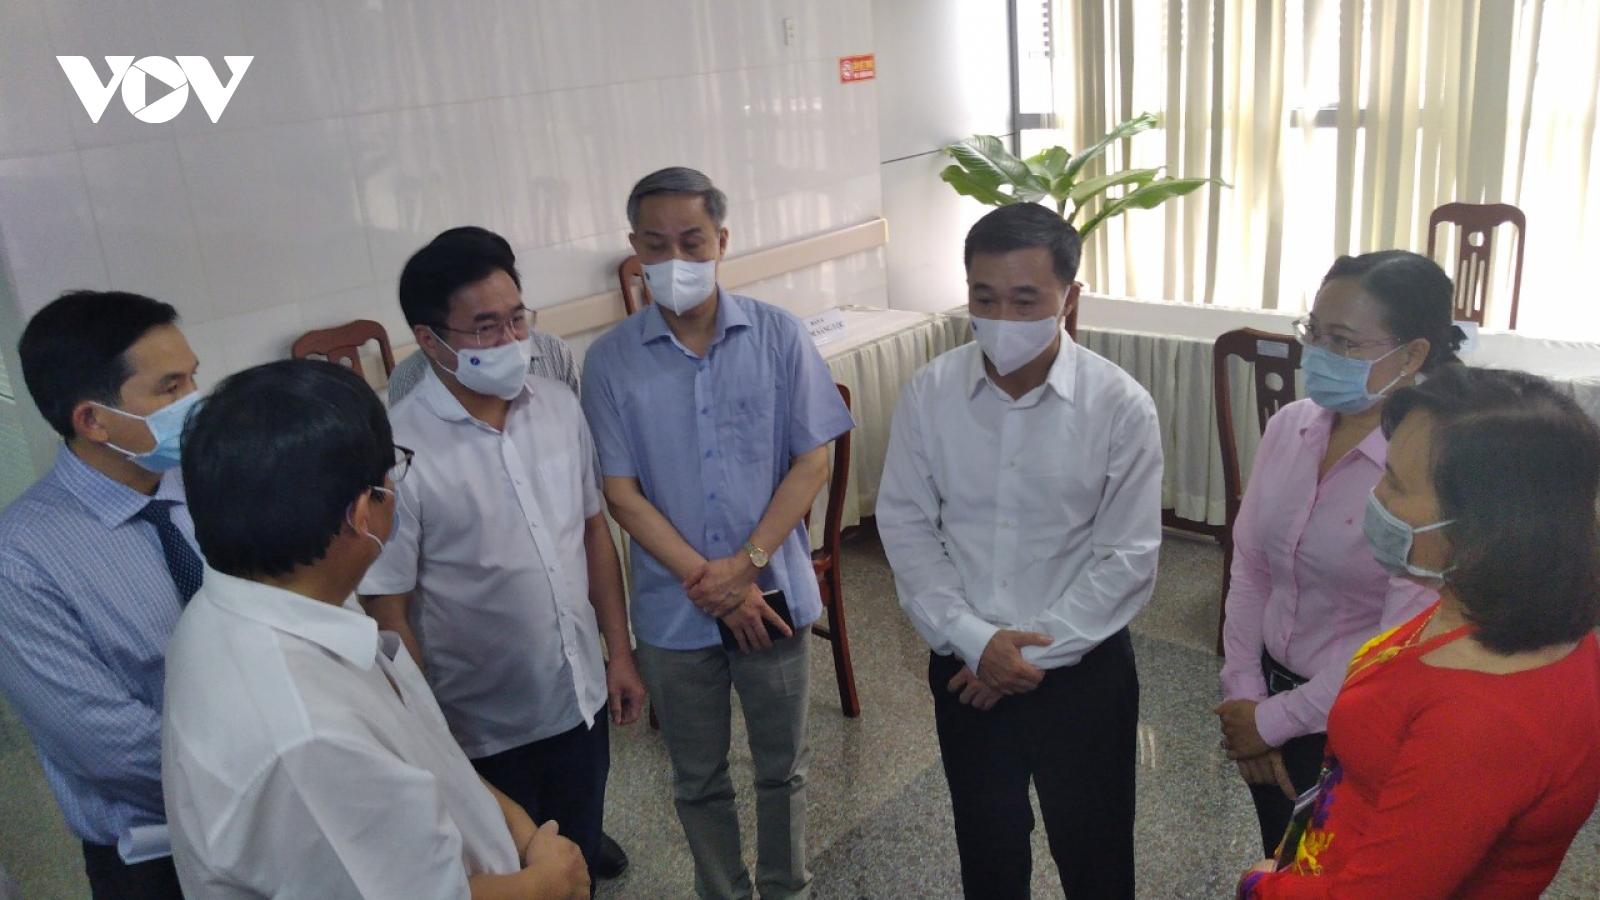 Đoàn công tác Bộ Y tế làm việc với tỉnh Sóc Trăng về phòng chống dịch Covid-19